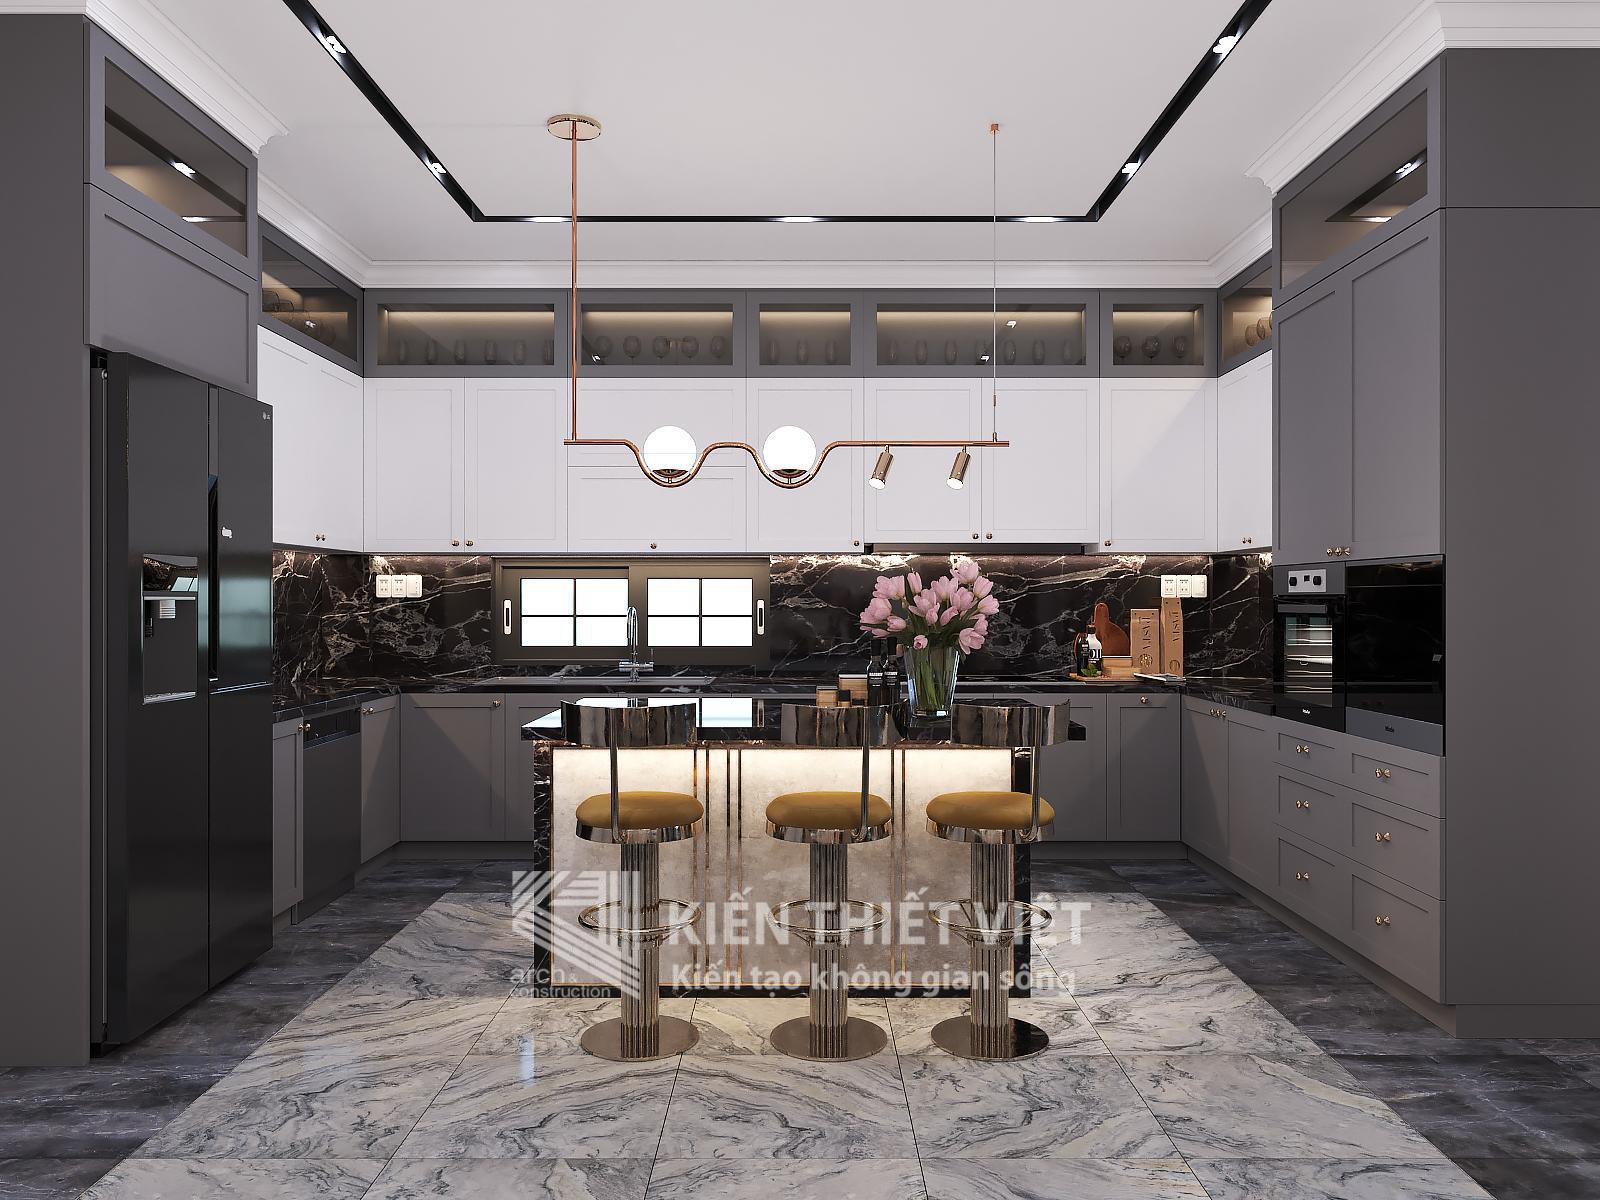 Thiết kế nội thất Nhà Mặt Phố tại Hồ Chí Minh Nhà phố Vườn Lài Tân Phú 1593399392 19